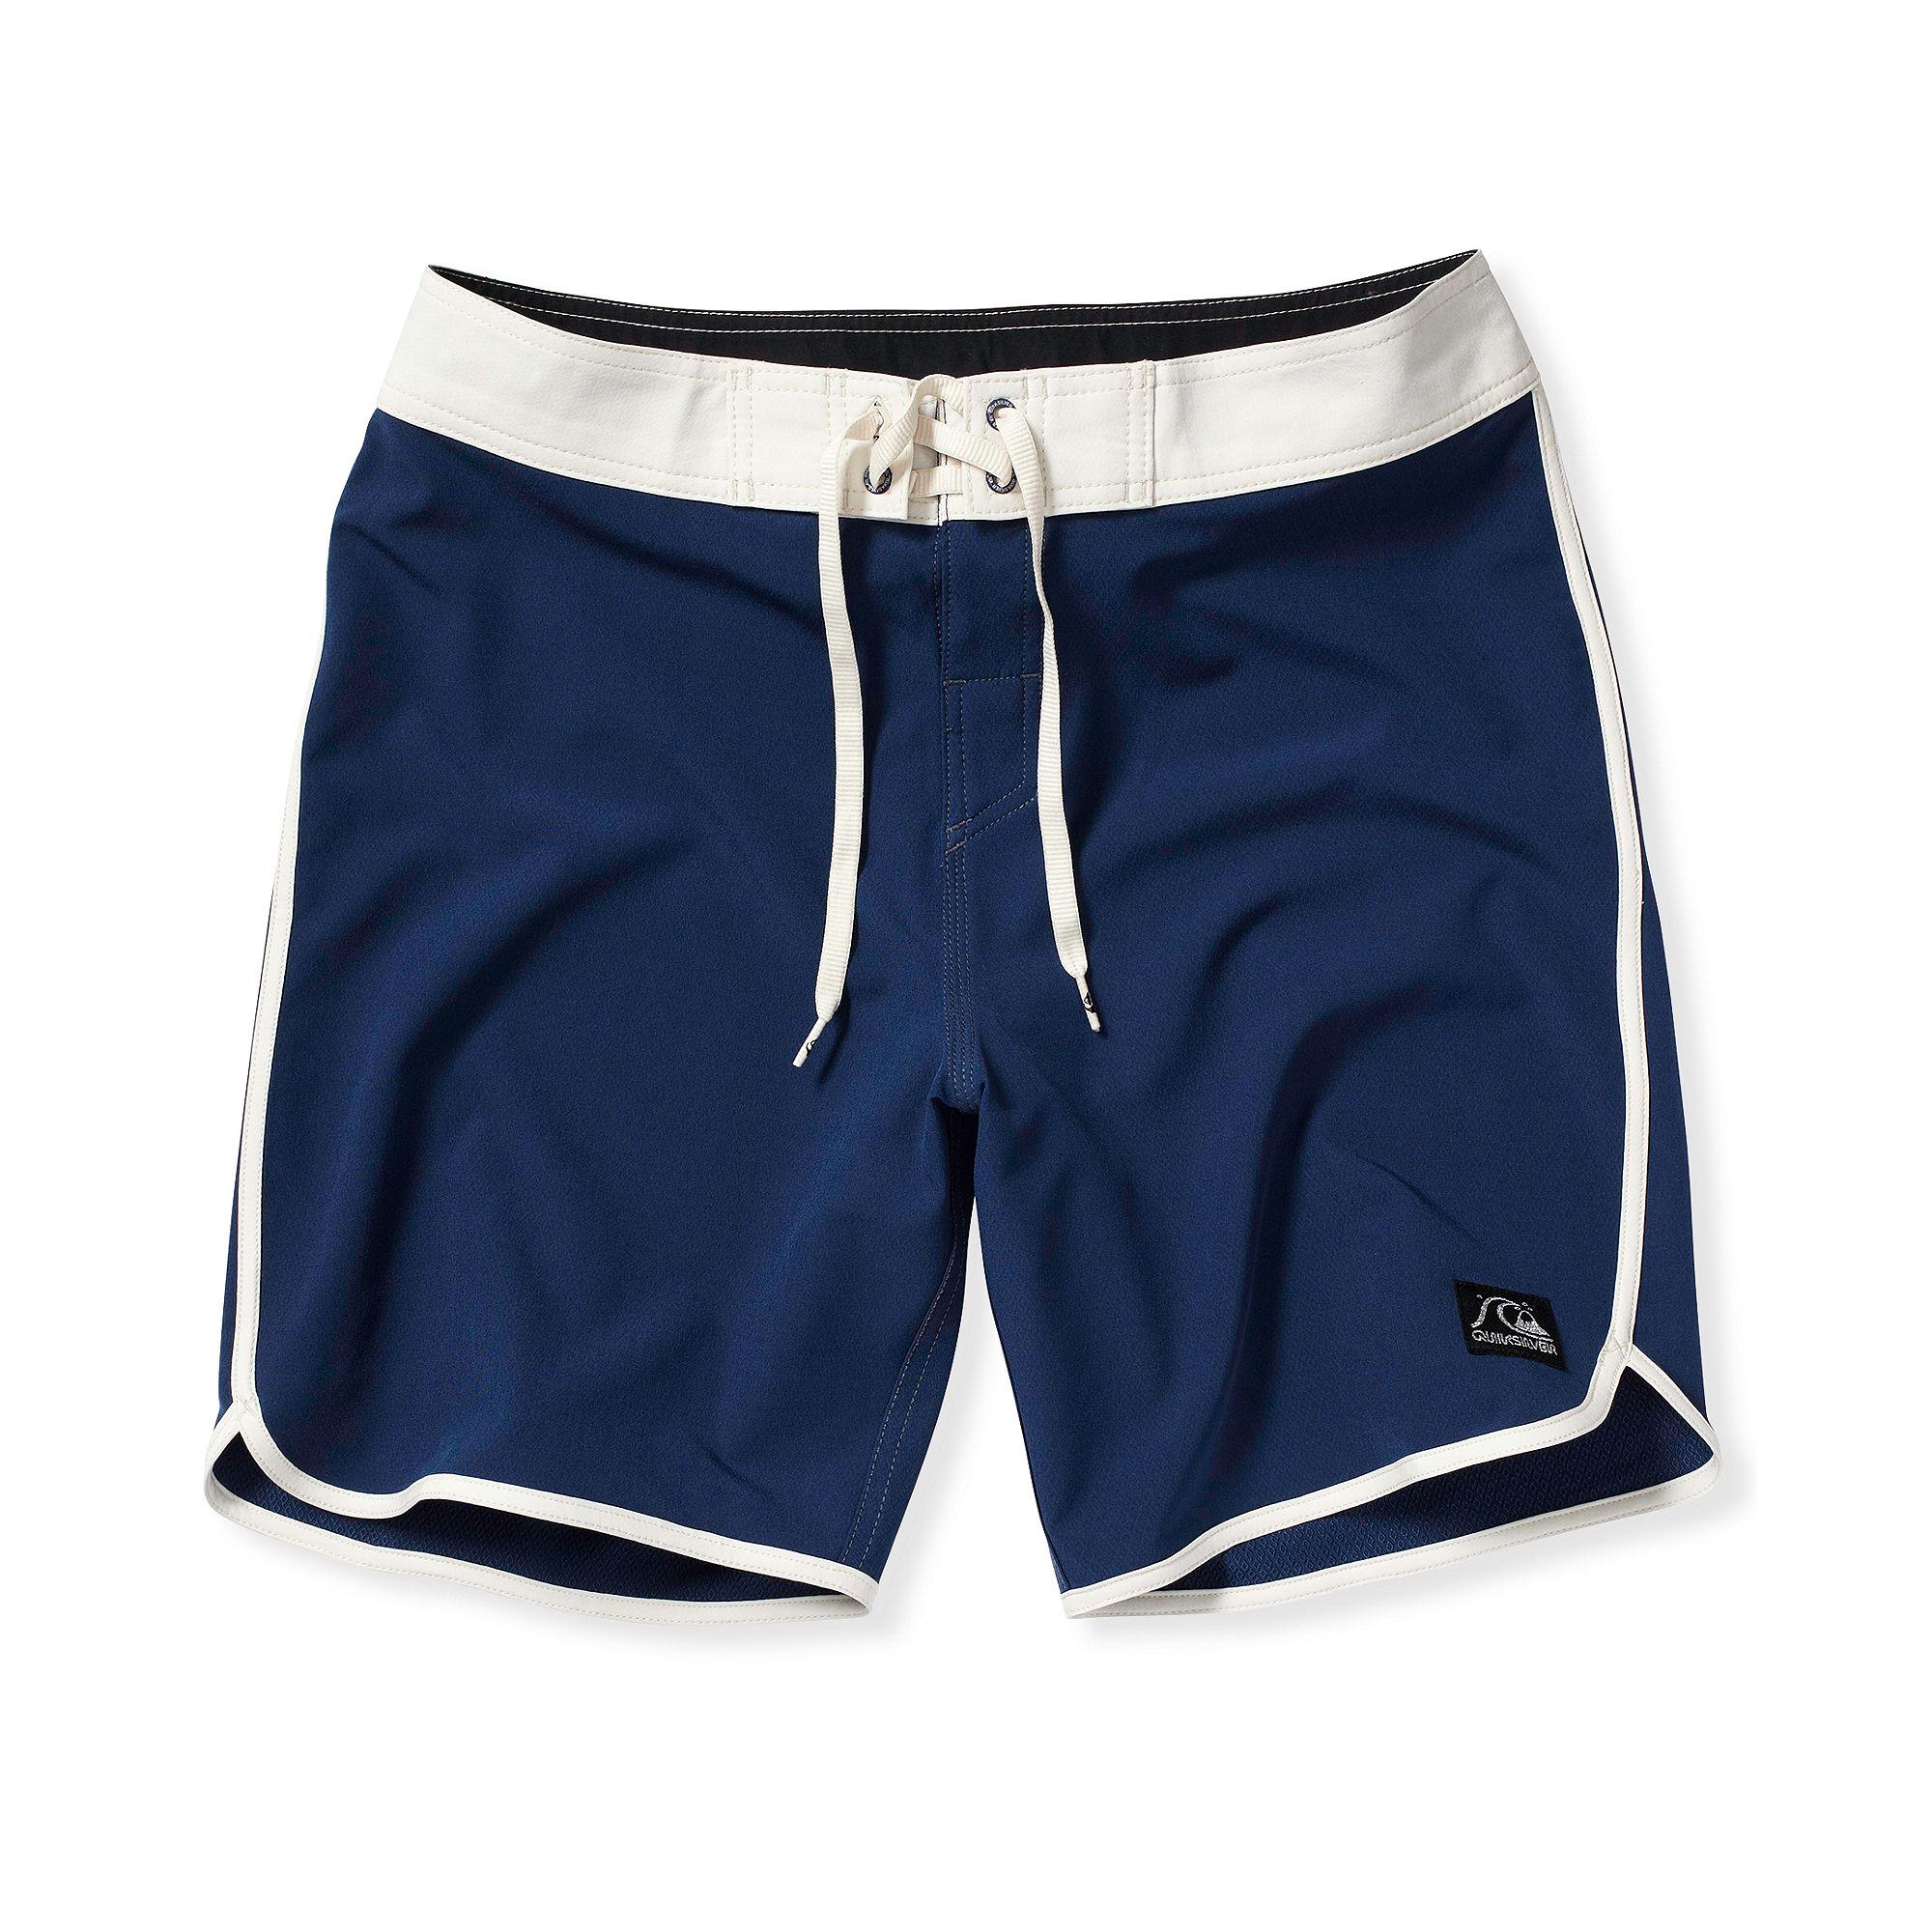 Quiksilver Og Scallop Boardshorts in Vintage Blue (Blue ...